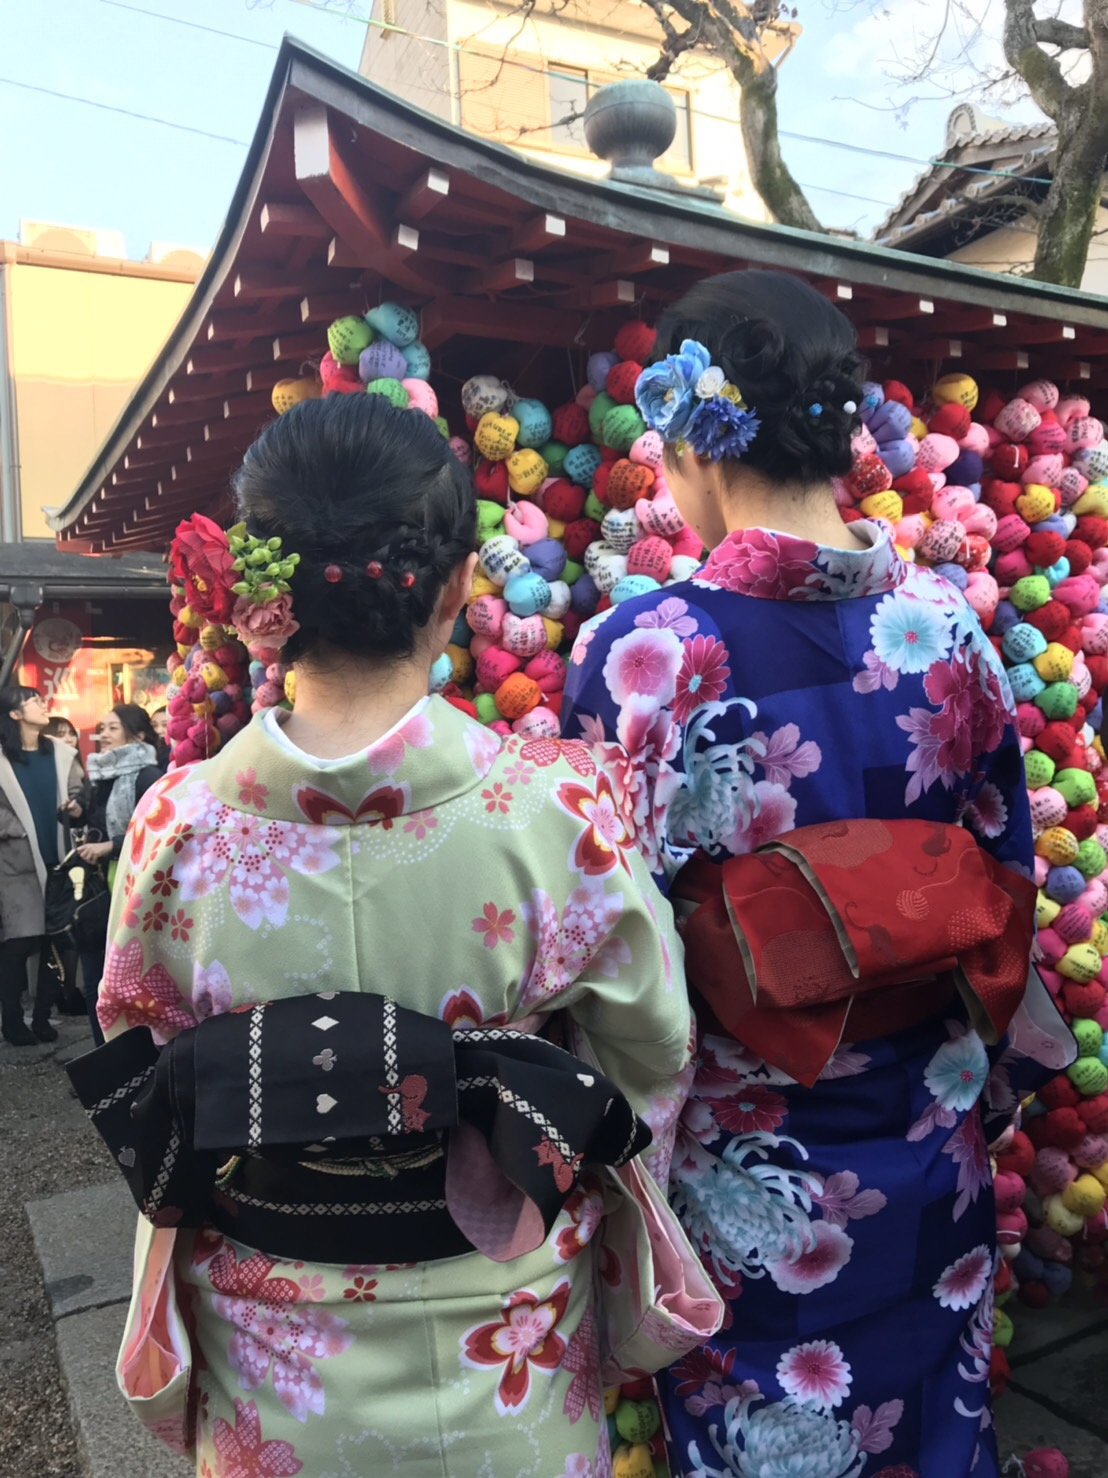 南座で滝沢歌舞伎を観覧(^^♪2019年2月6日3